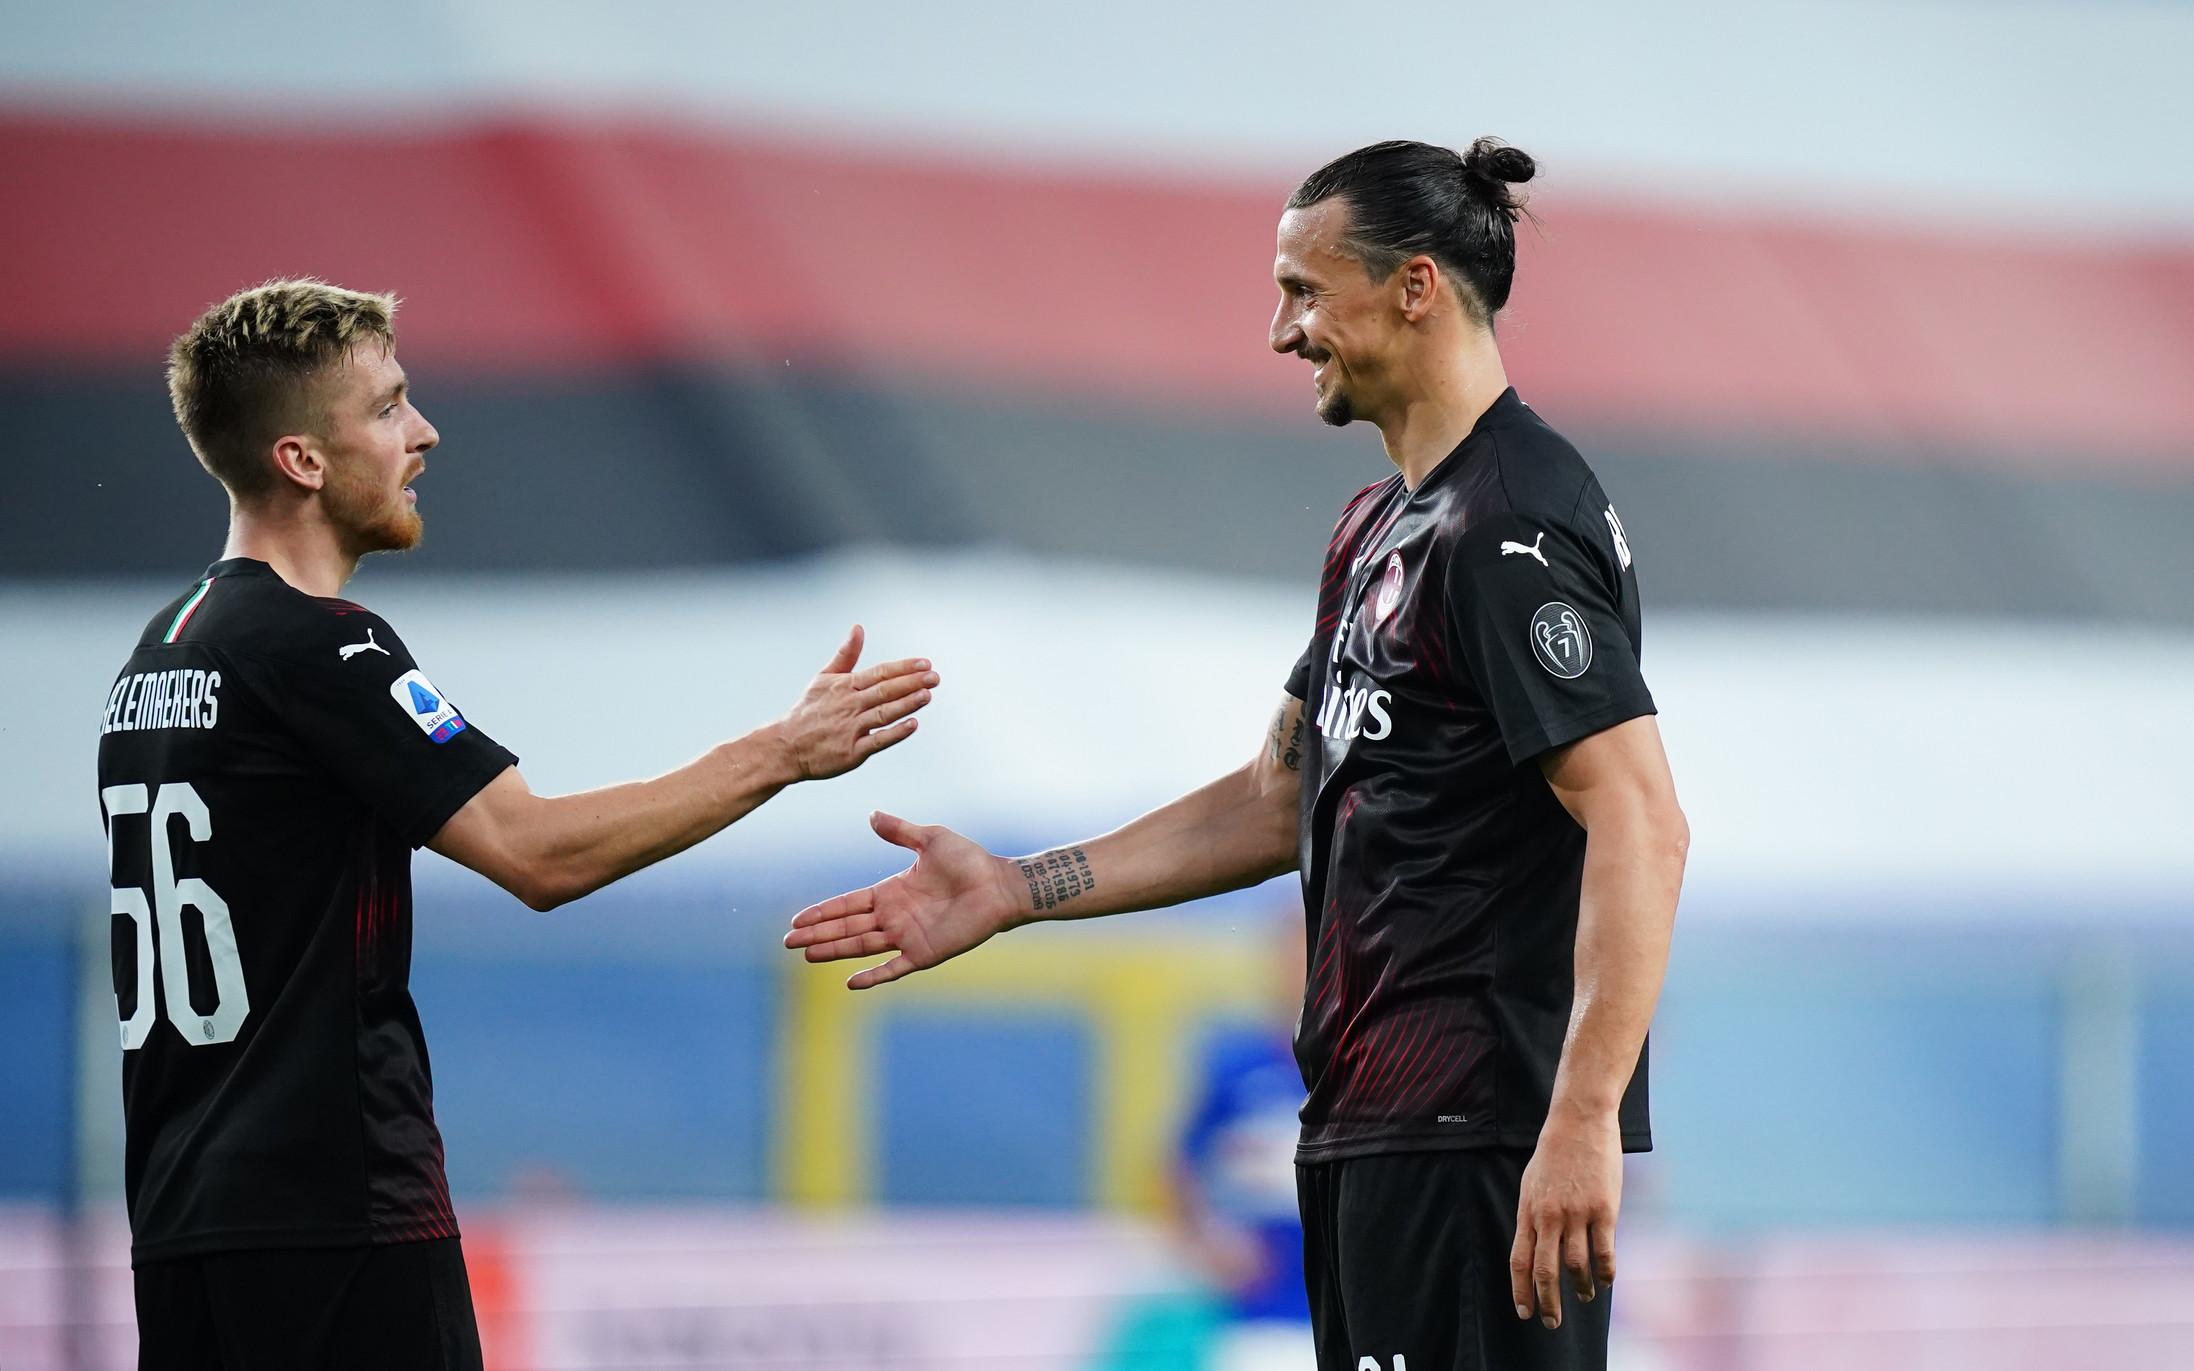 Le migliori immagini di Sampdoria-Milan 1-4